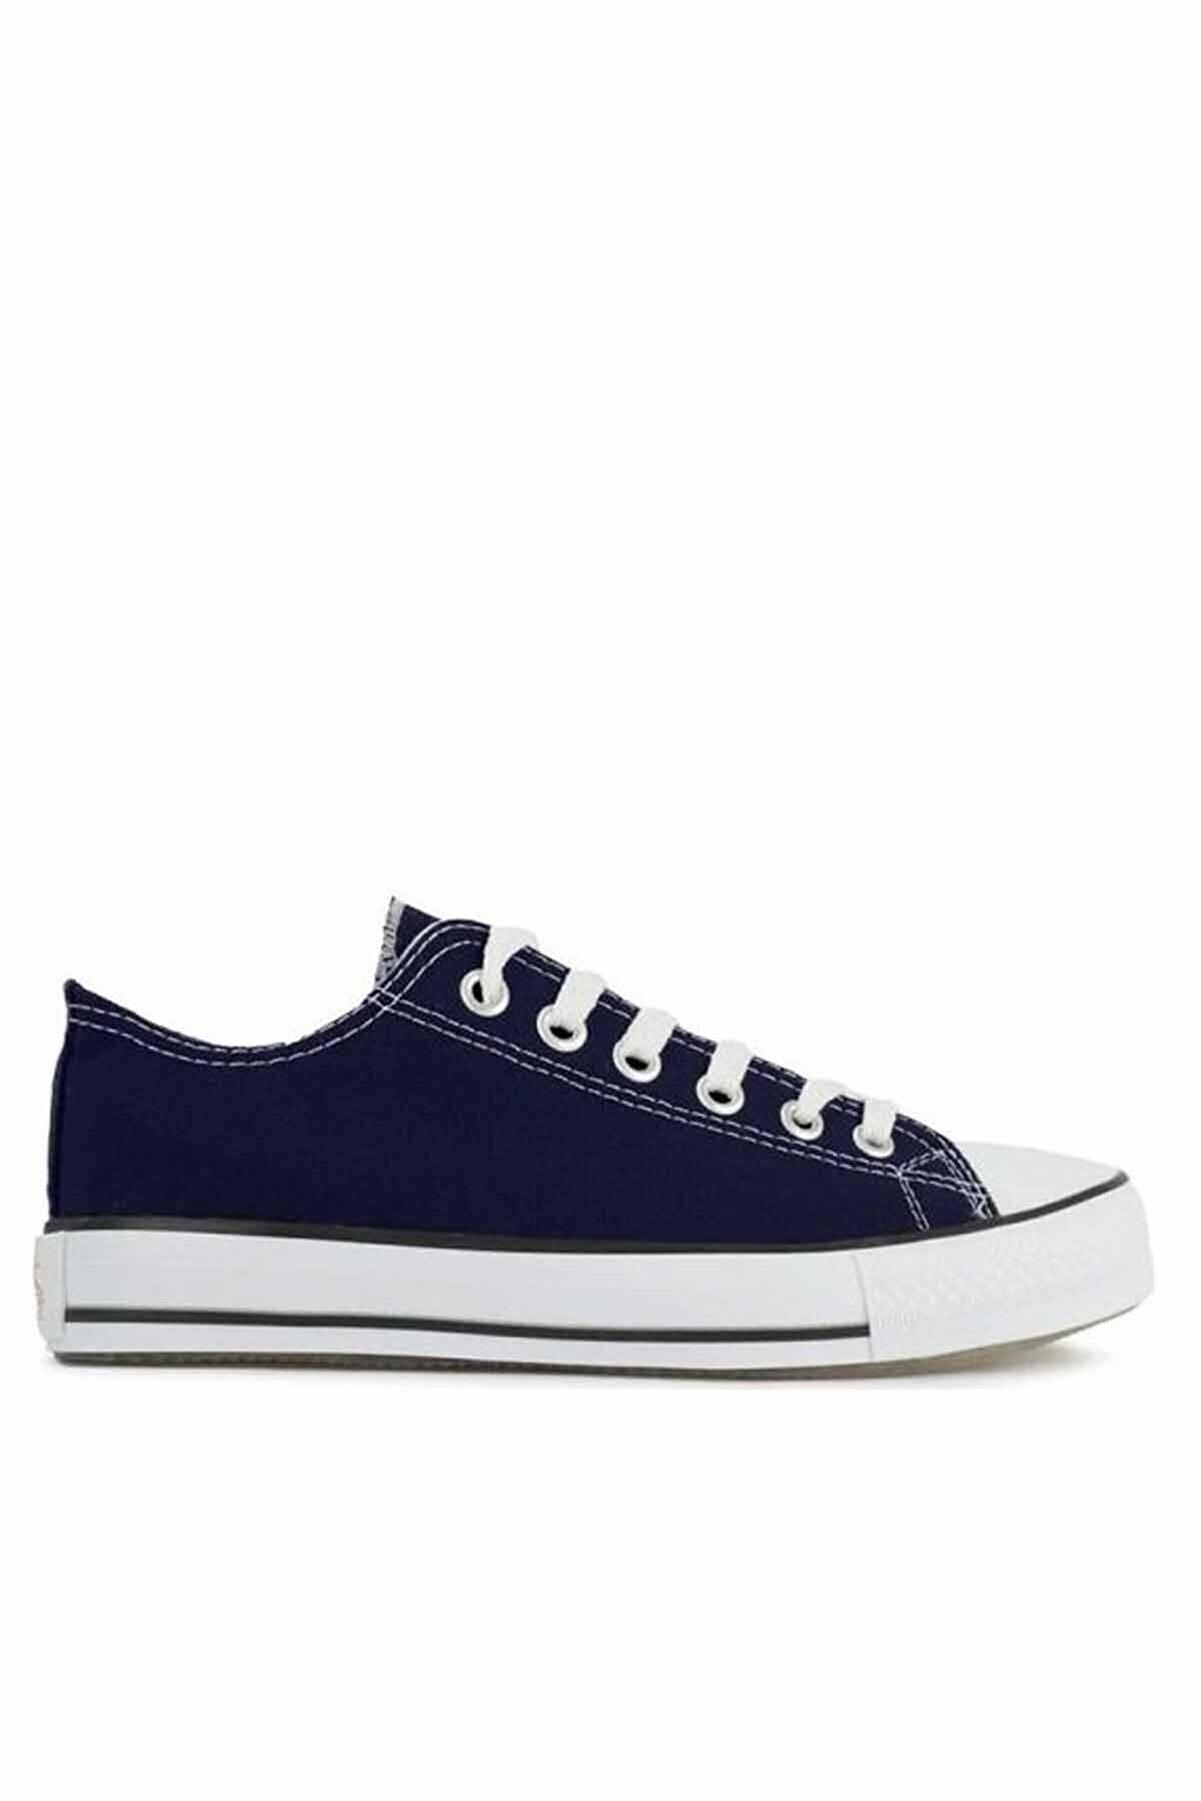 Slazenger Sun Sneaker Kadın Ayakkabı Lacivert Sa11lk065